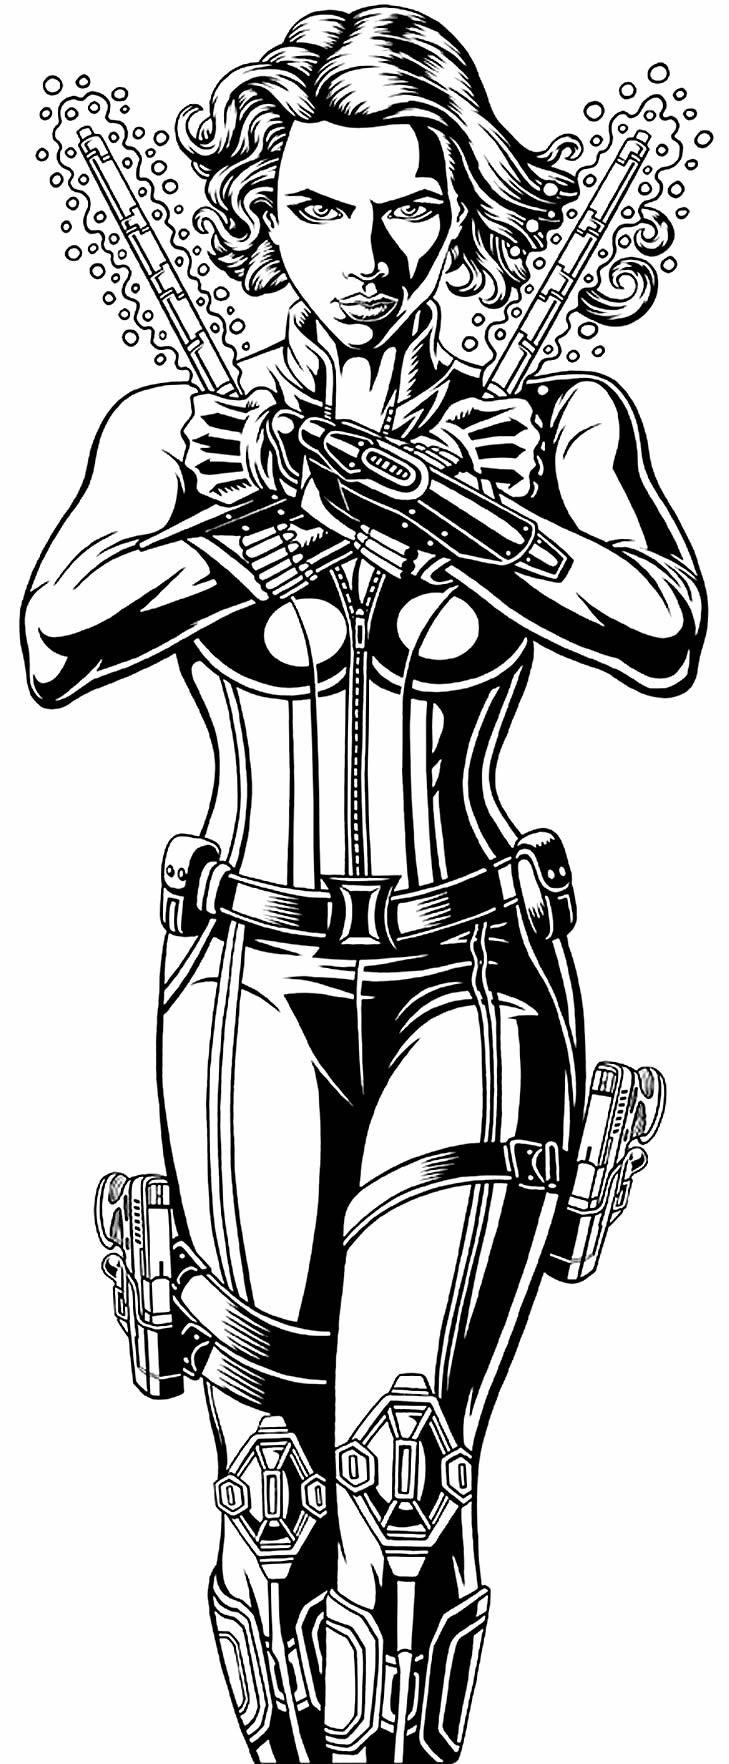 Imagem da Viúva Negra